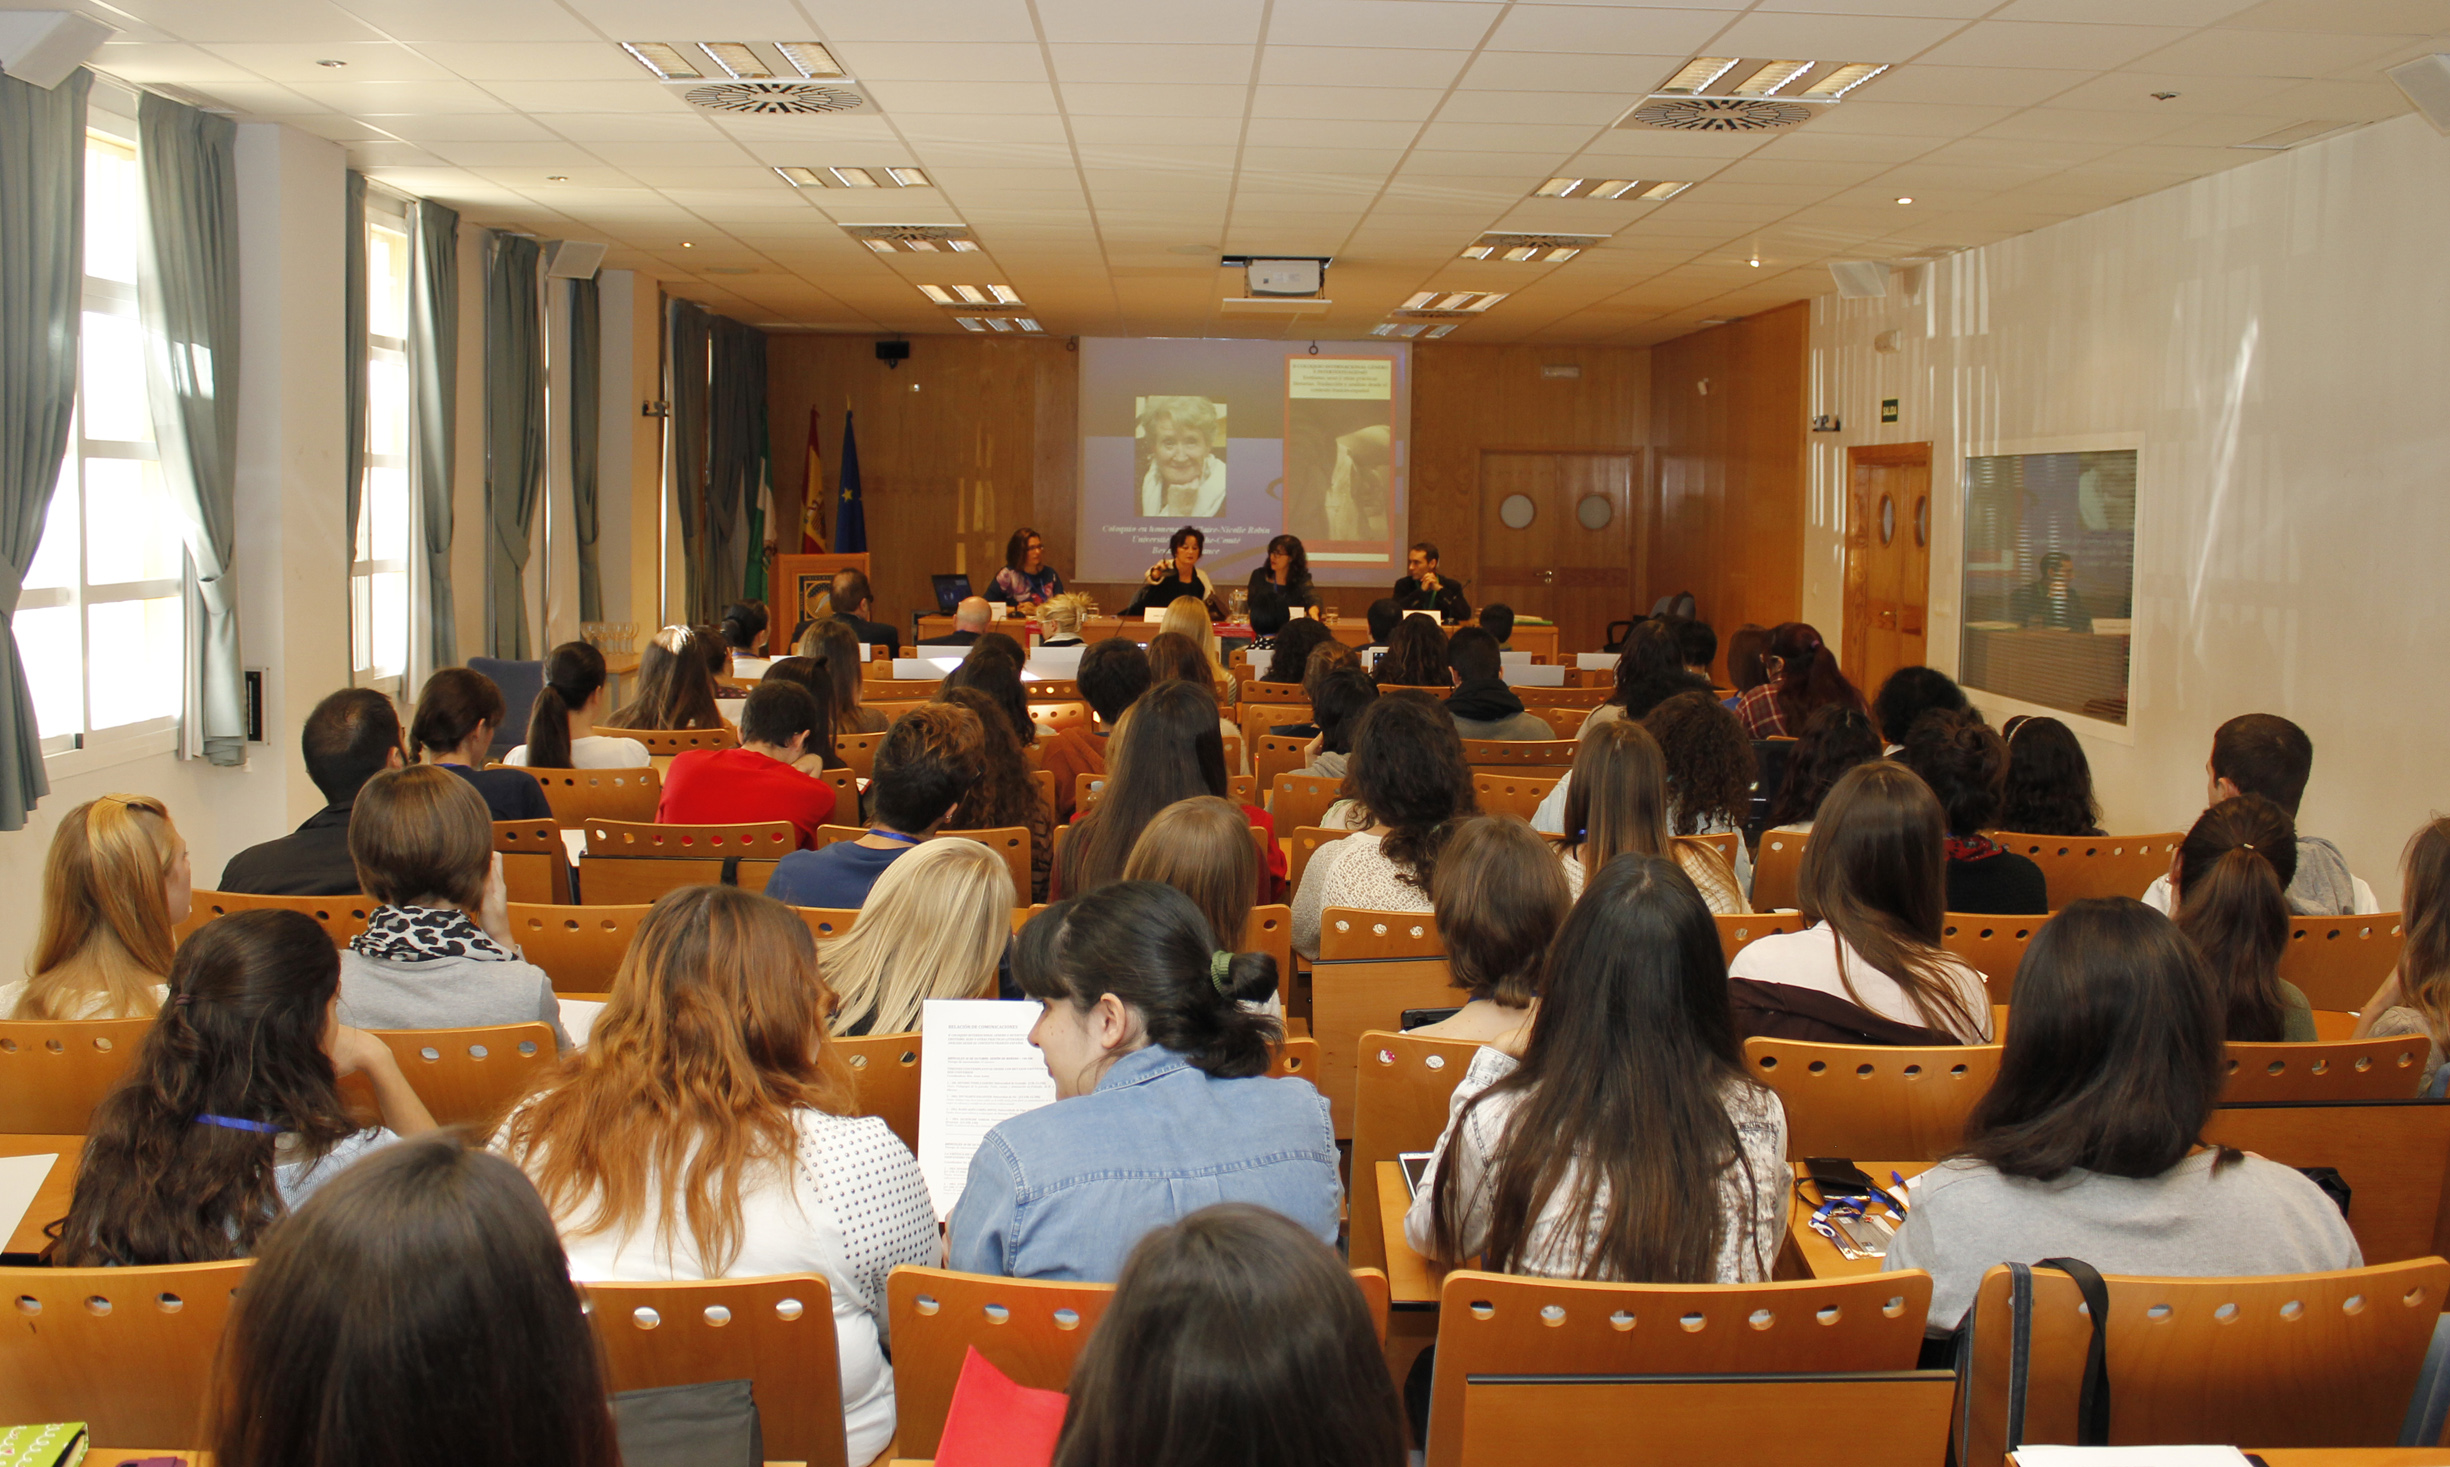 III Coloquio Internacional Género e Intertextualidad, Universidad Pablo de Olavide, Sevilla, 27 y 28 de octubre de 2015.